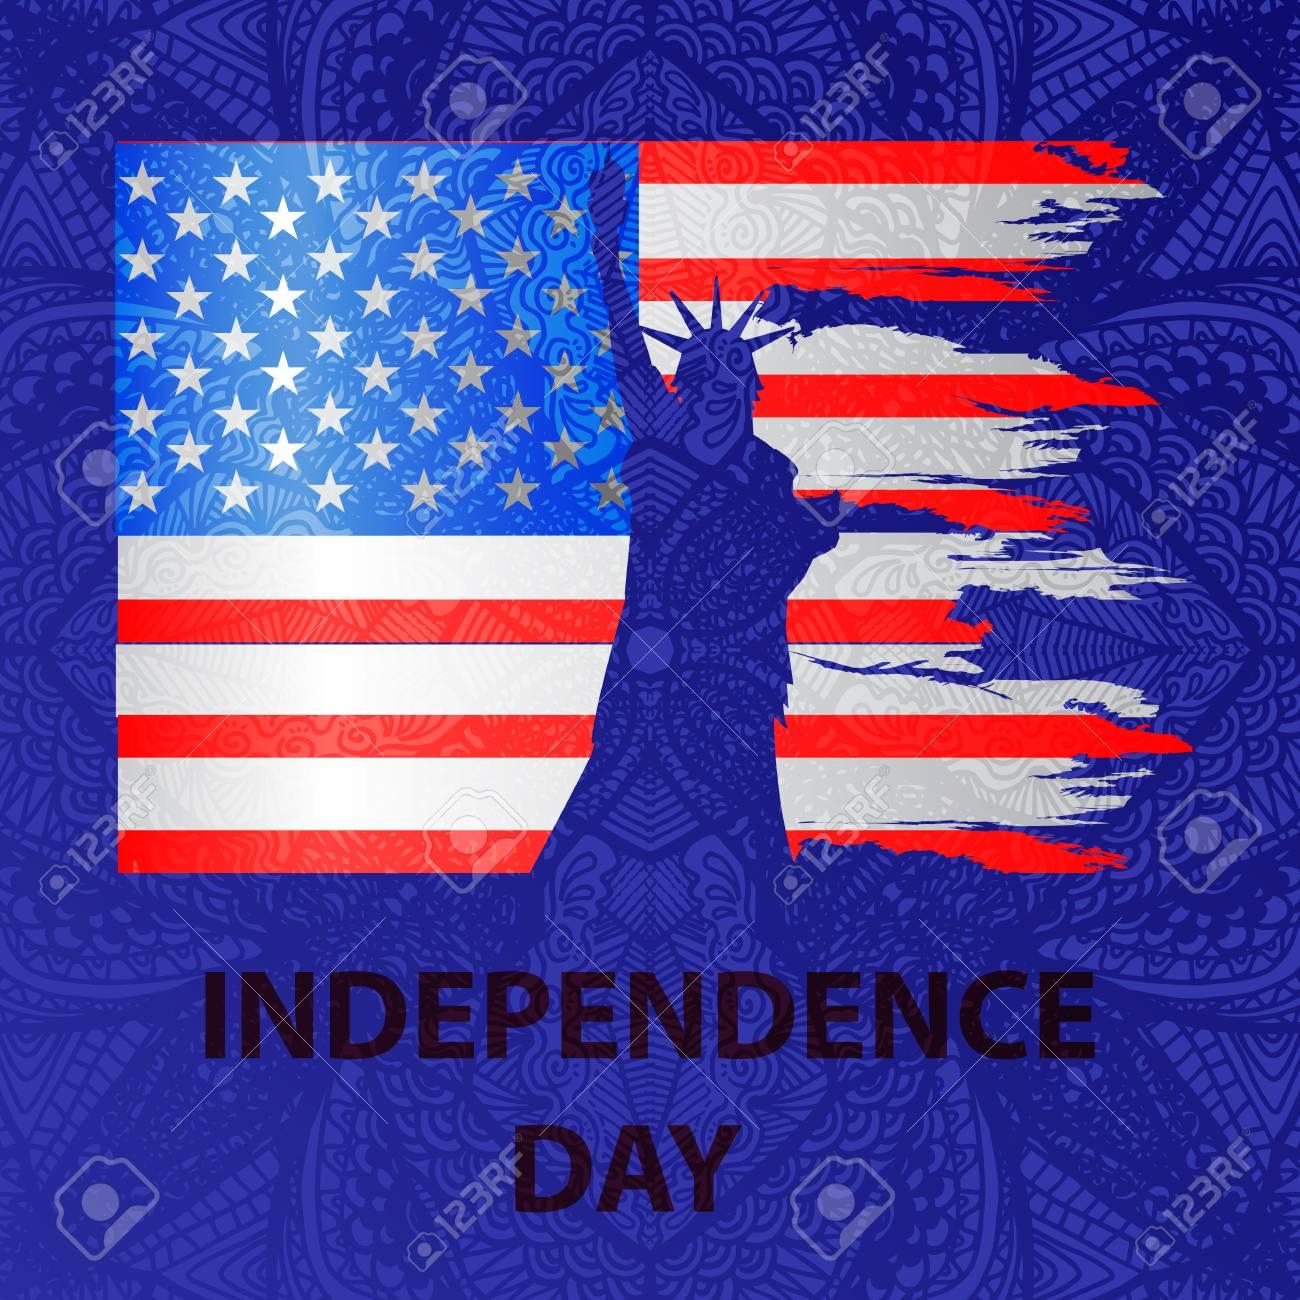 Día De La Independencia De Los Estados Unidos Bandera Americana En Un Fondo Modelado De Un Dibujo De La Mano Square Es Azul